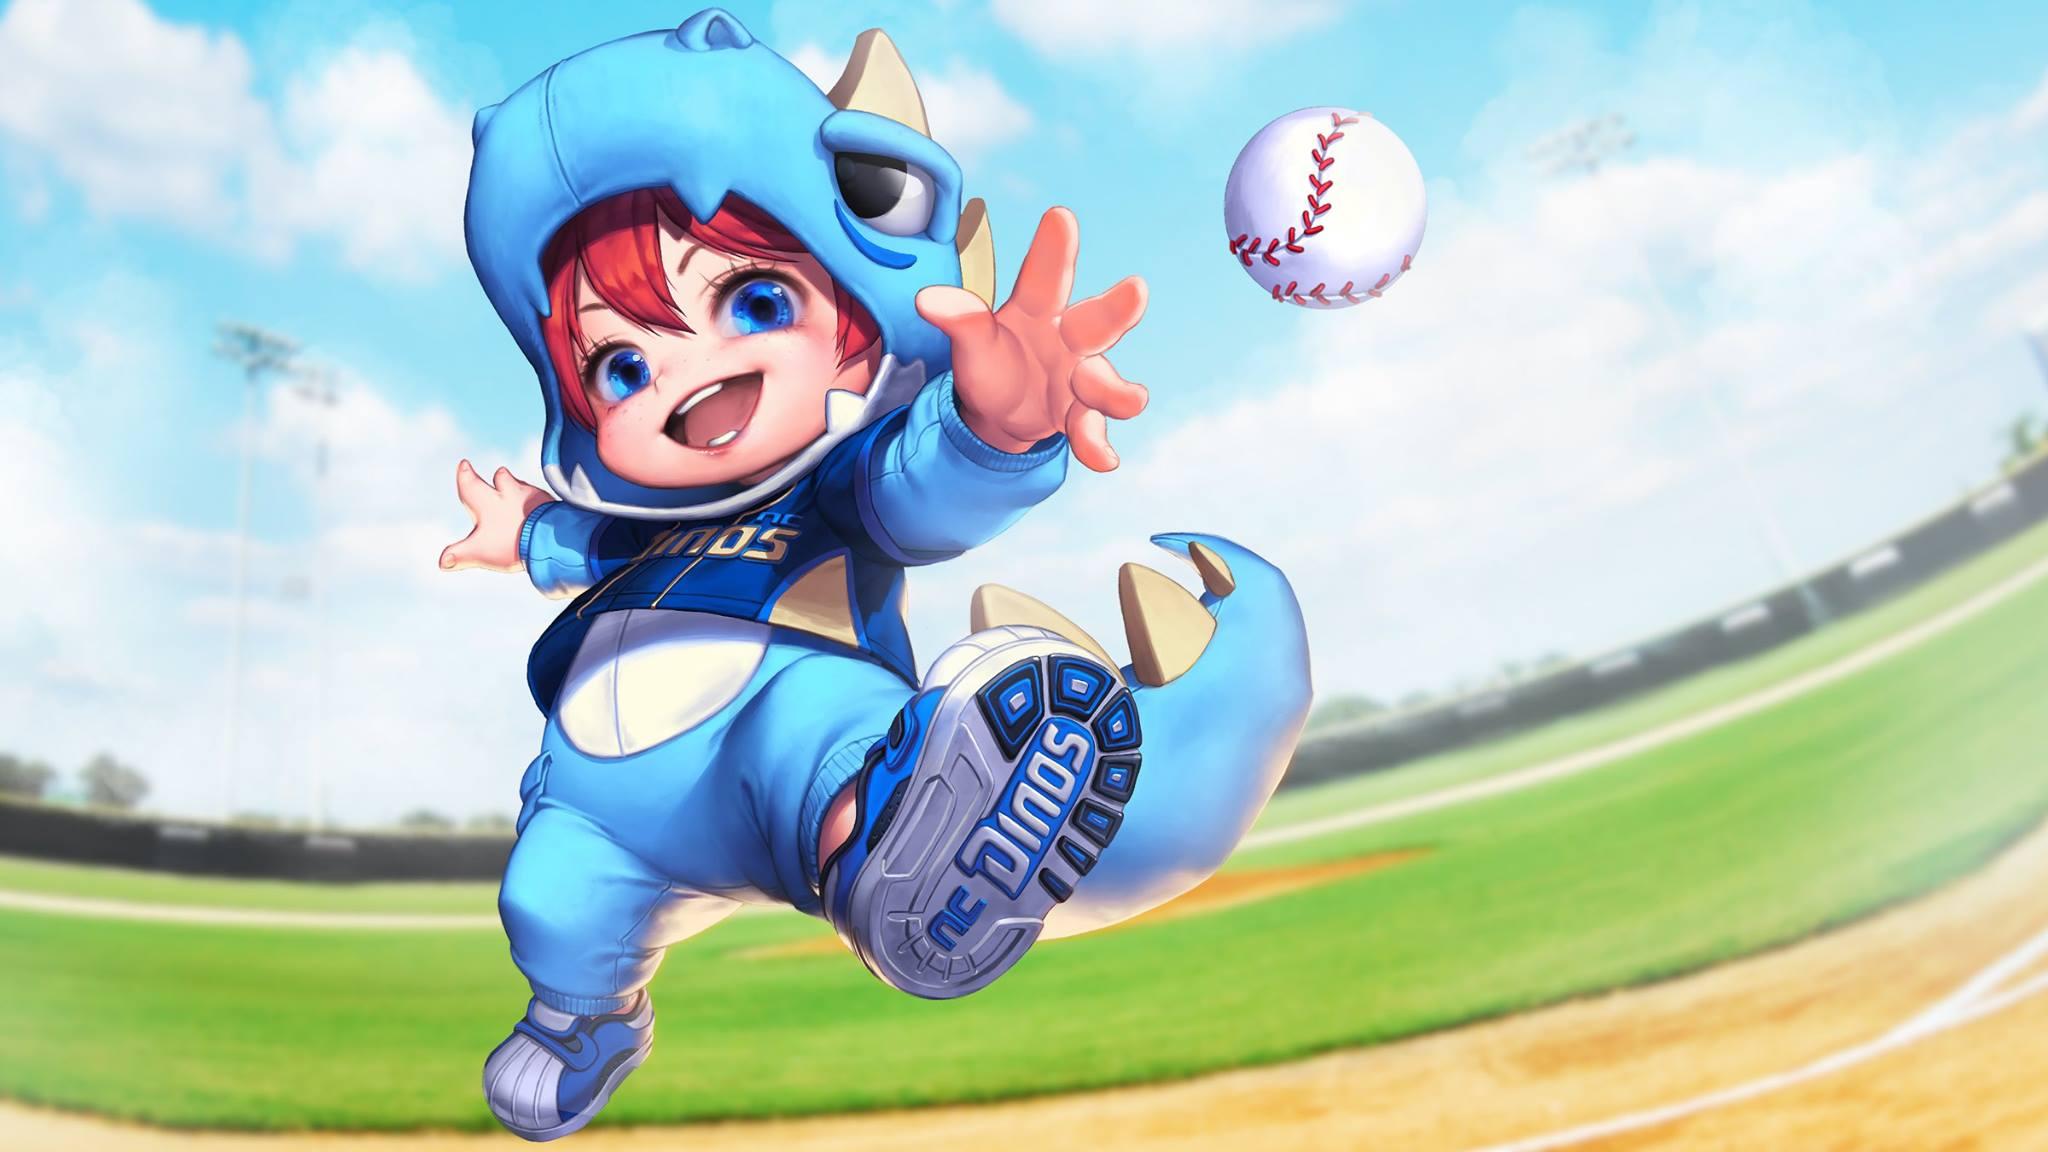 魔法少女阿拉米身着吉祥物呆萌小恐龙,变身棒球小球迷.